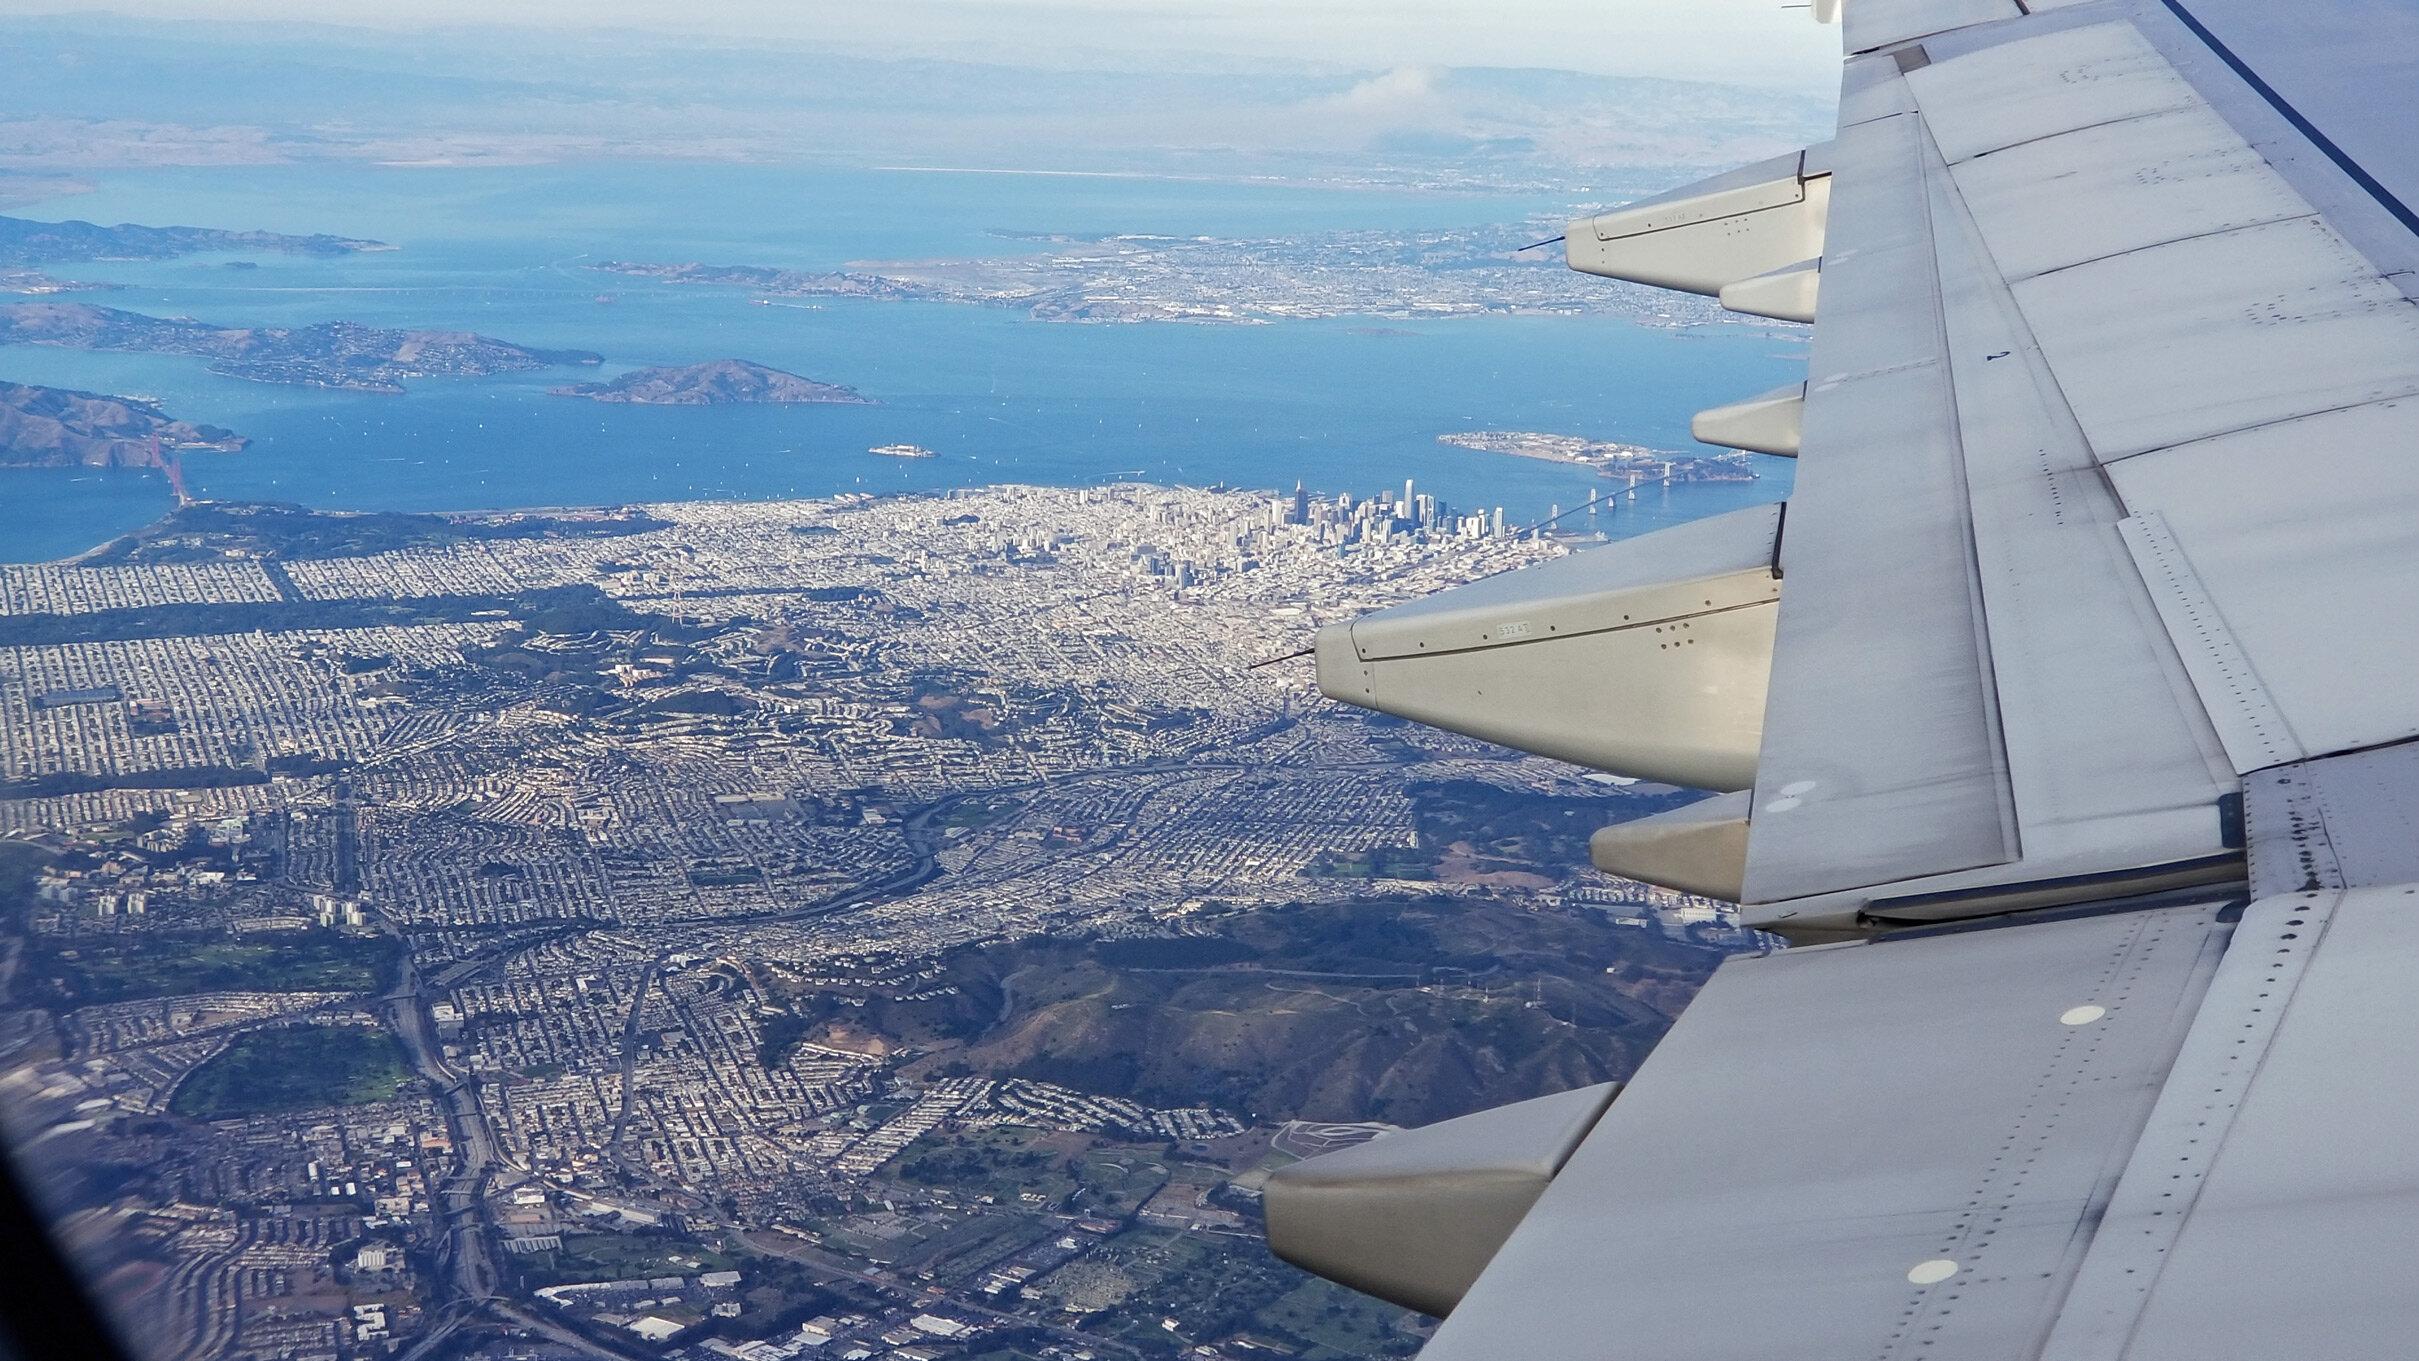 Arrival at San Francisco.